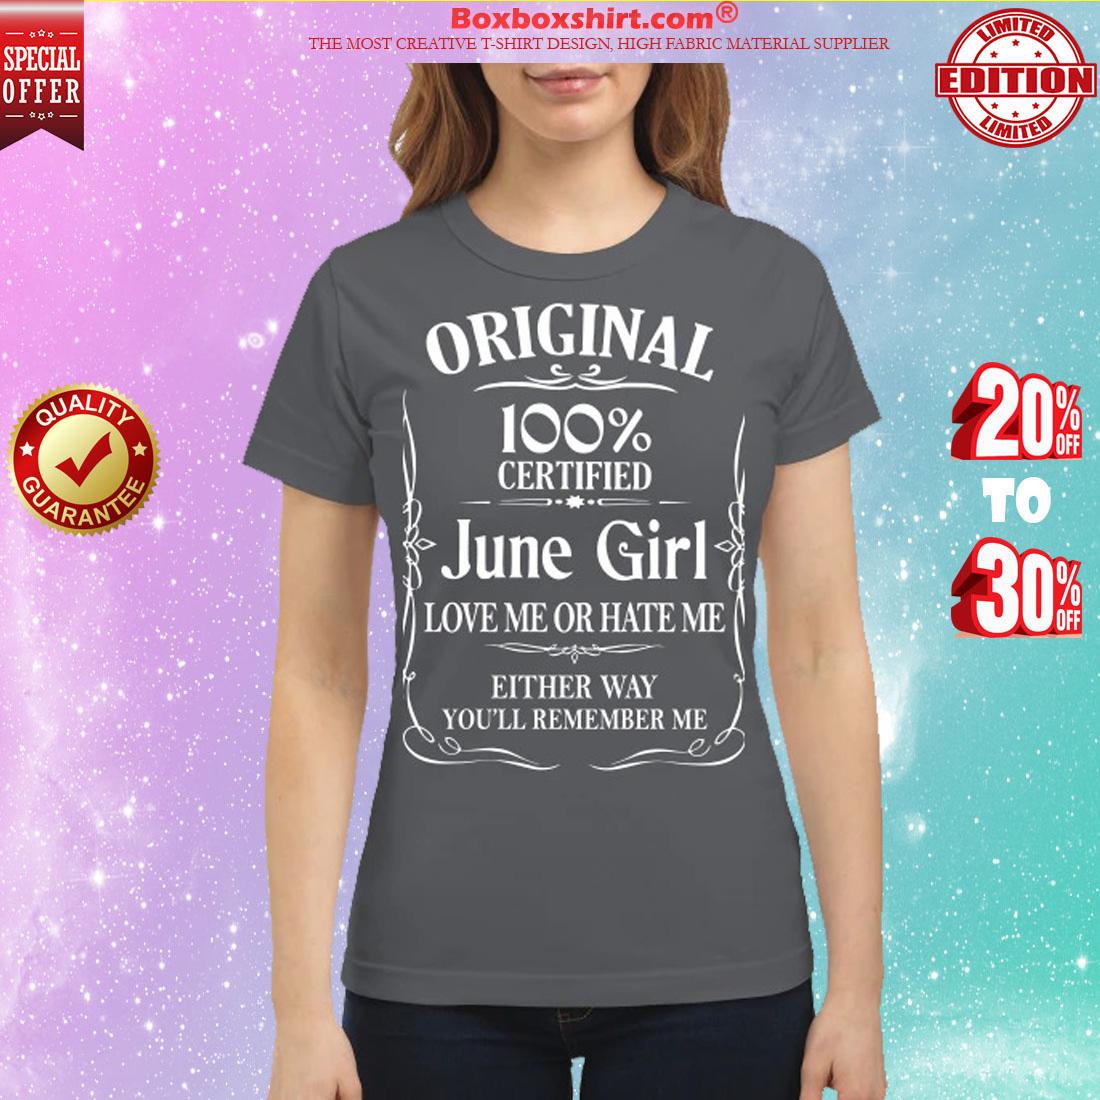 Original 100% certified June girl love me or hate me classic shirt